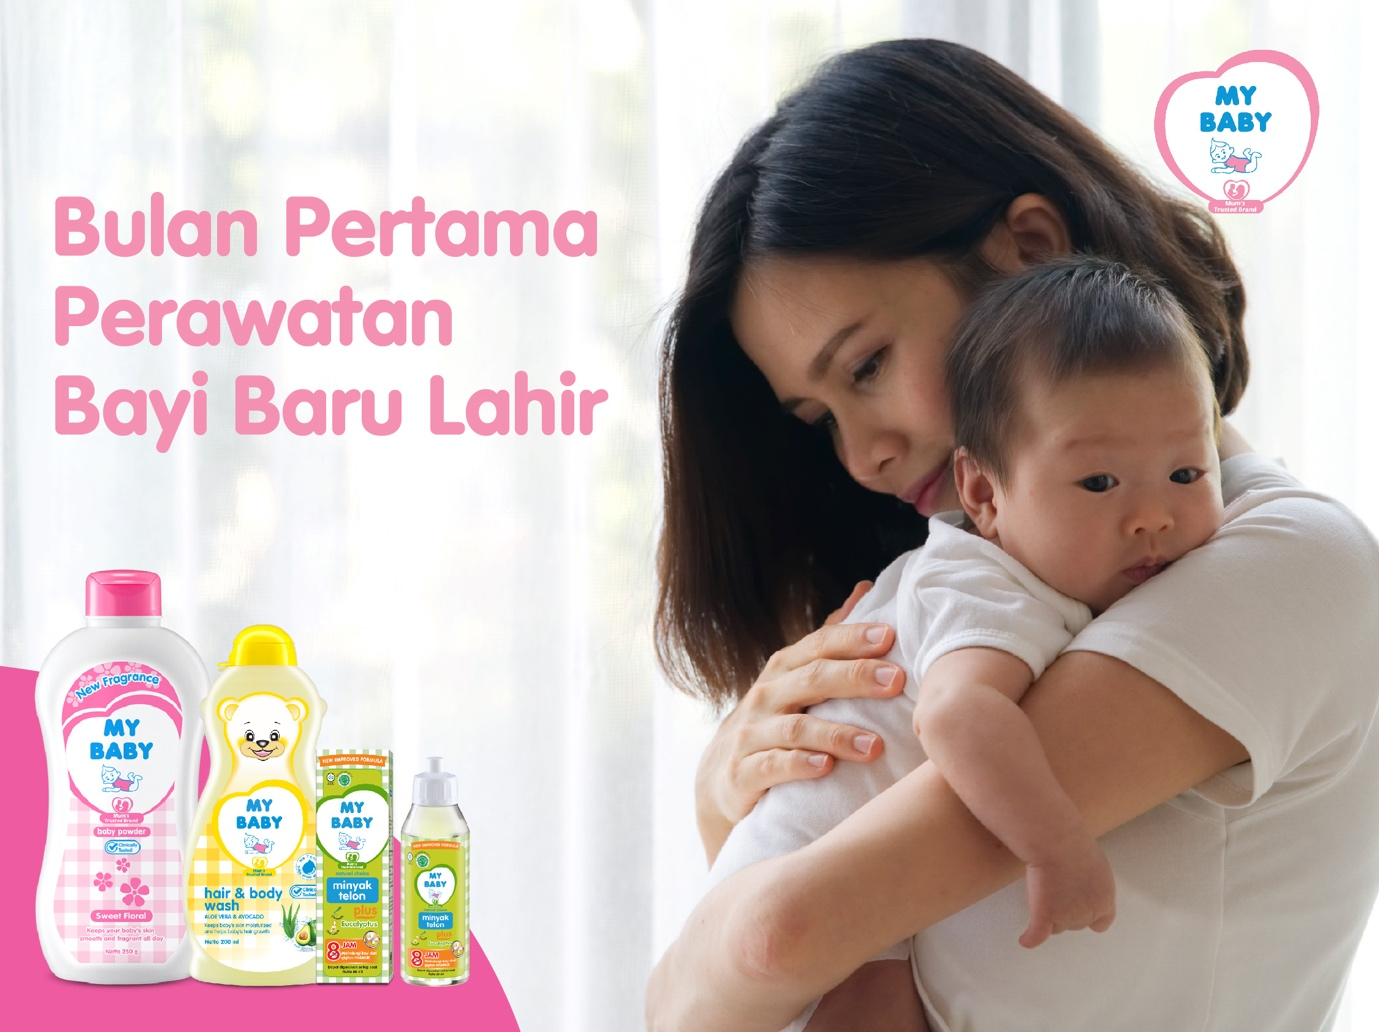 Bulan Pertama Perawatan Bayi Baru Lahir